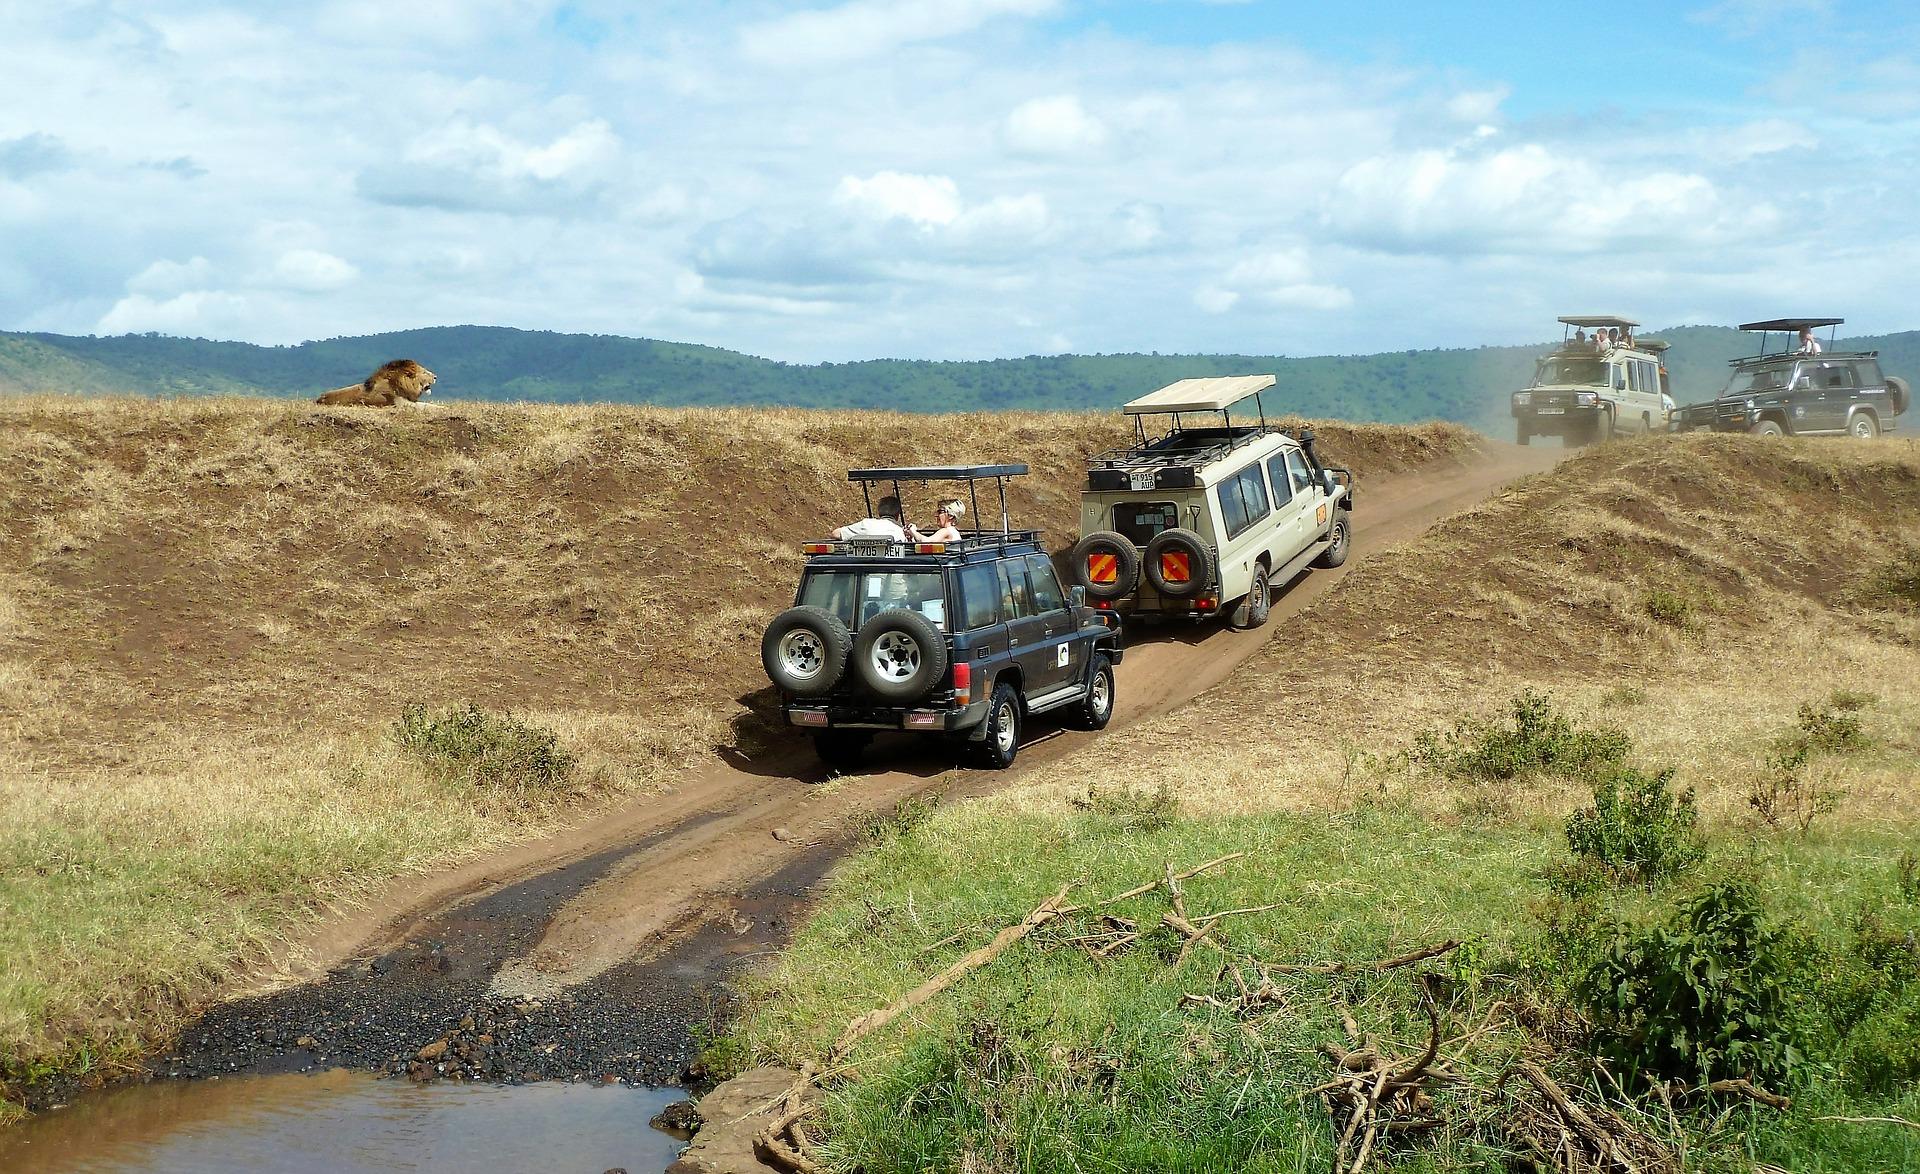 Safári na África de carro